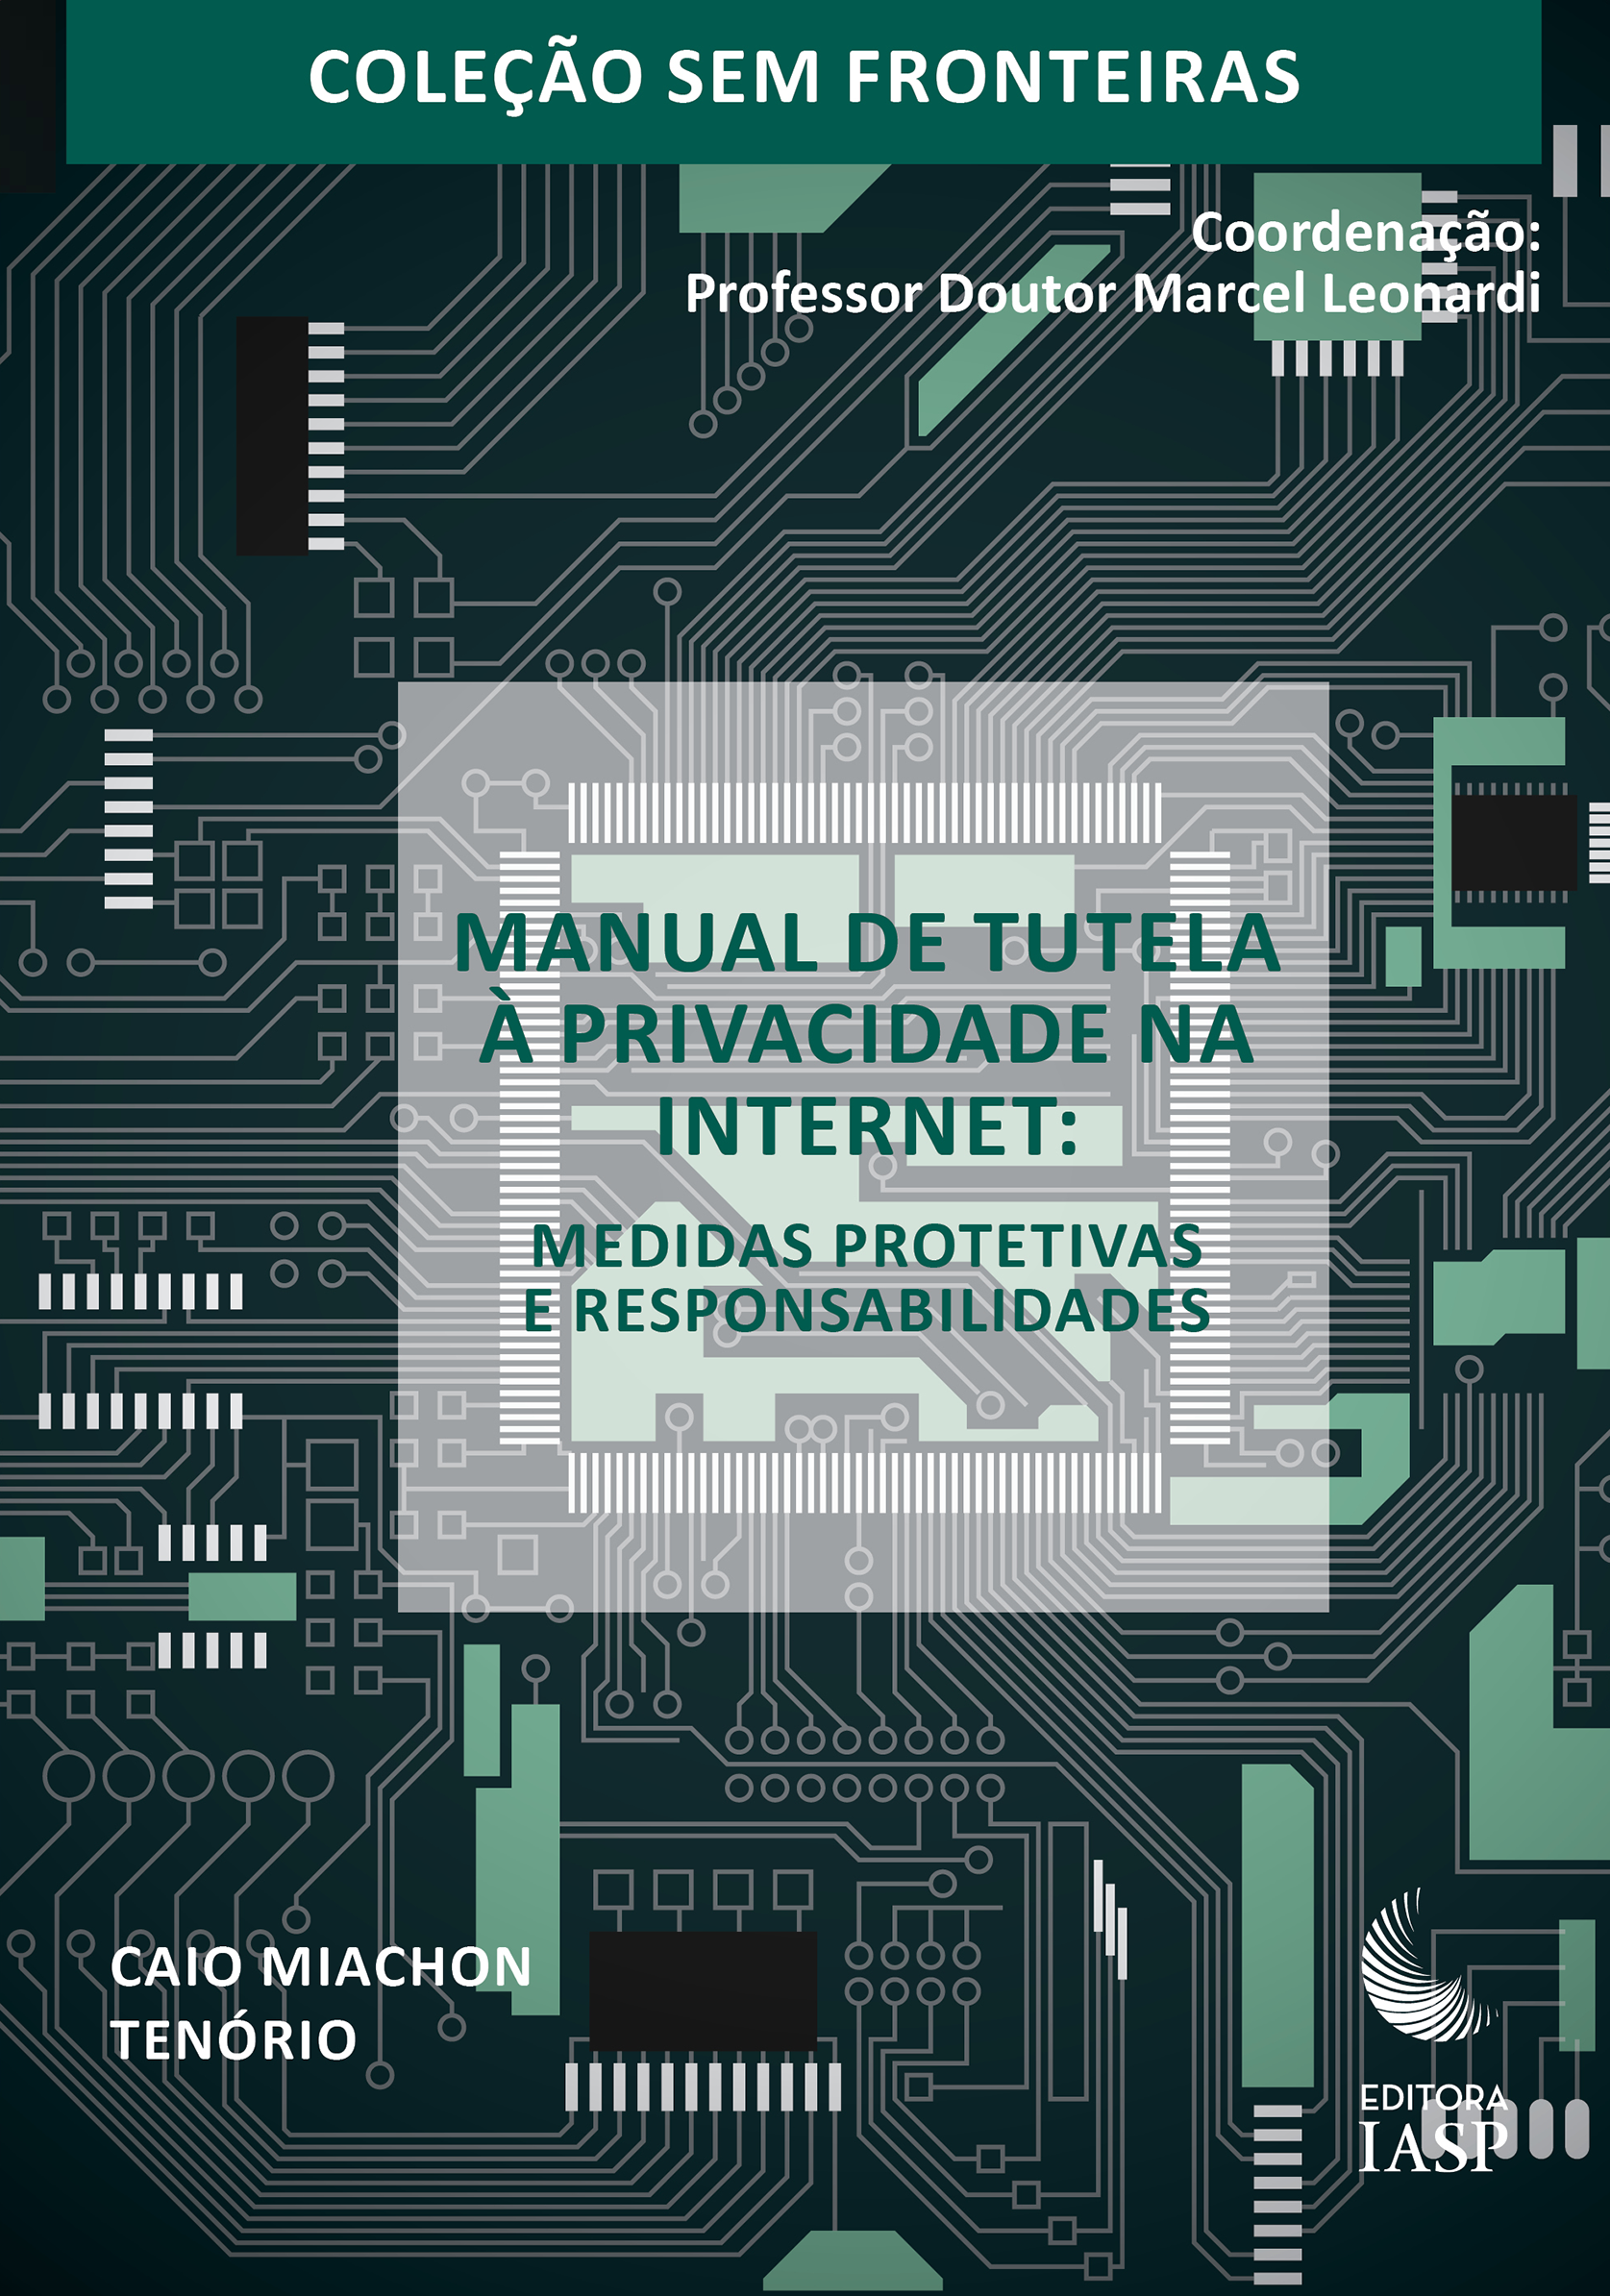 CAPA_MANUAL_DE_TUTELA_16.7X23.8.png